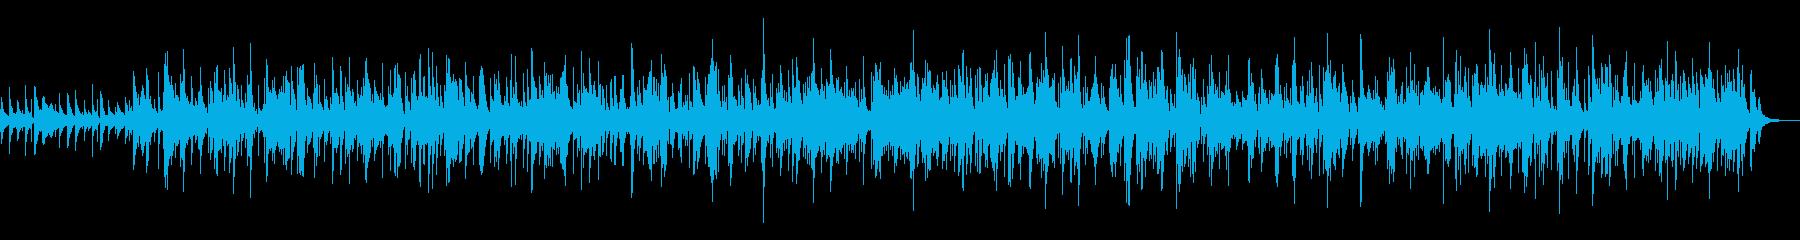 夏から秋への季節の移ろいアコギBGMの再生済みの波形